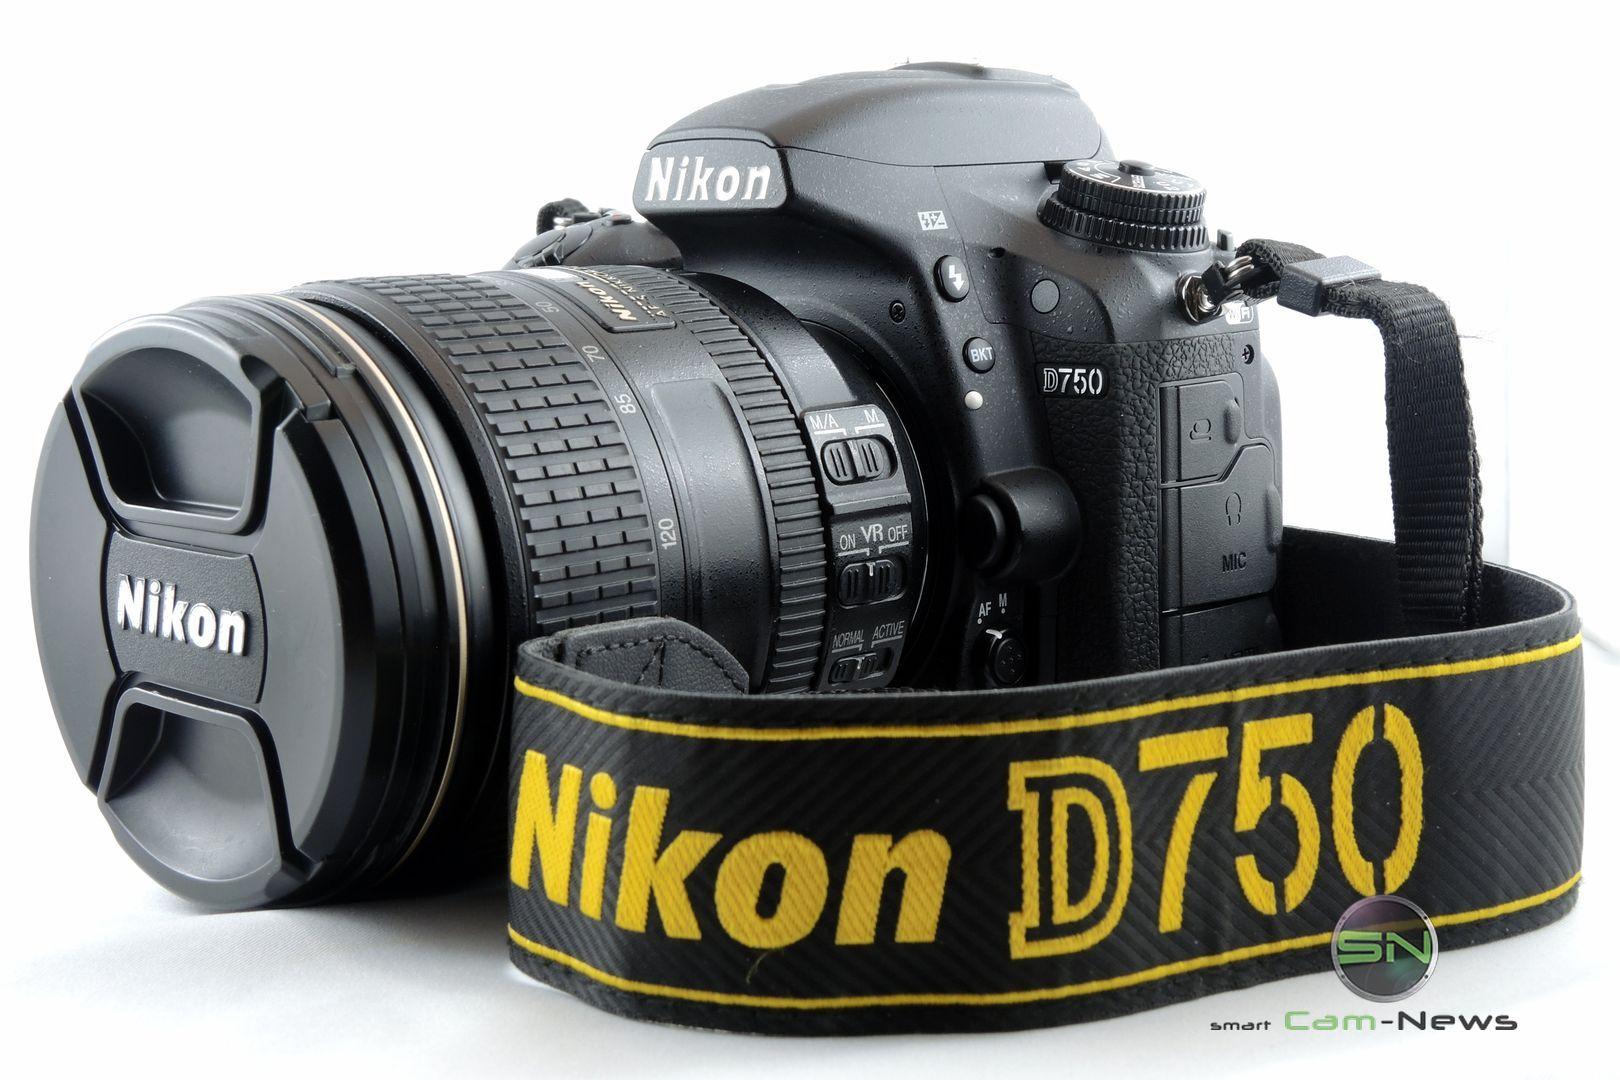 Reise nach Neuseeland: Nikon D750 und FX Nikkor 24-120mm